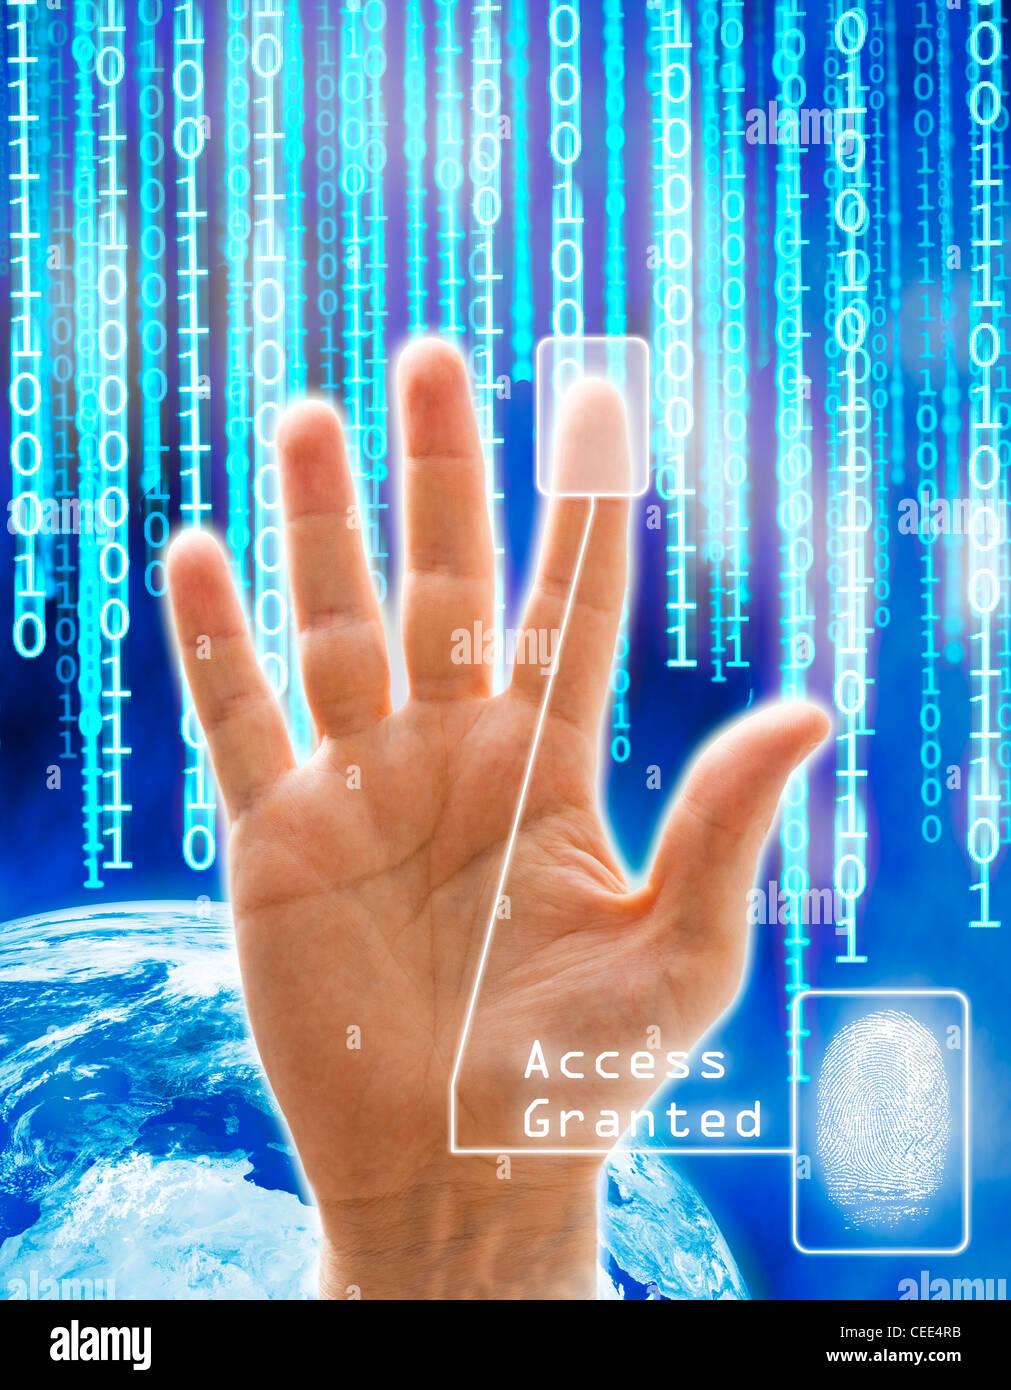 Bild-Konzept von Sicherheit und Technik. Alle Bilder sind computergenerierte außer die Hand, die eine körperliche Stockbild